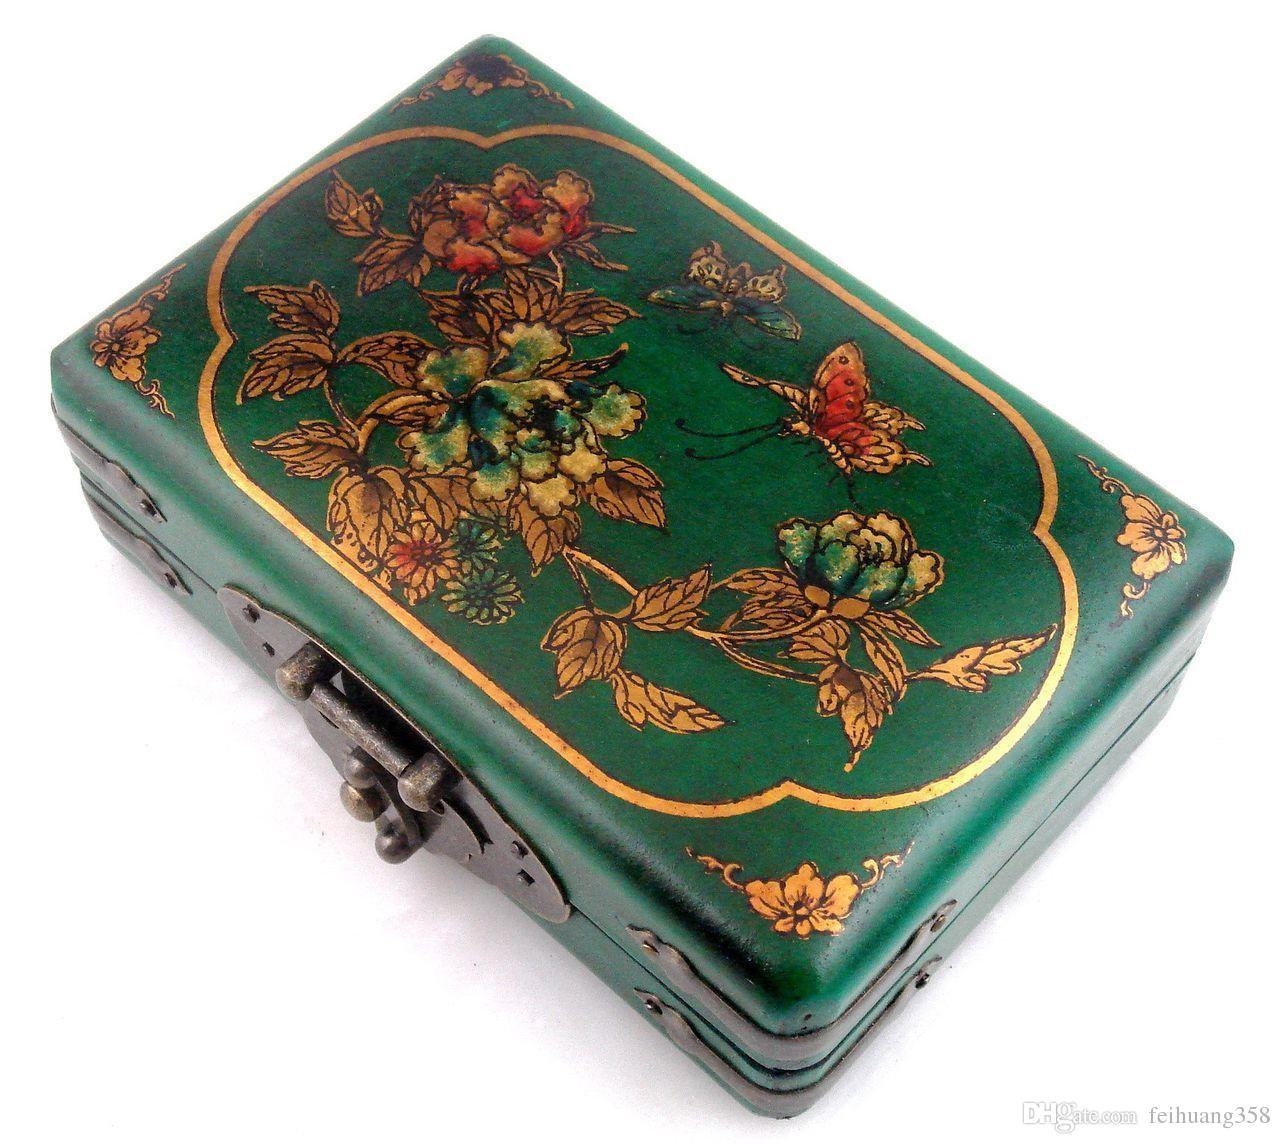 Yeşil / Kırmızı Finish Deri Altın Yaldızlı Kelebek Çiçekleri Ahşap Mücevher Kutusu